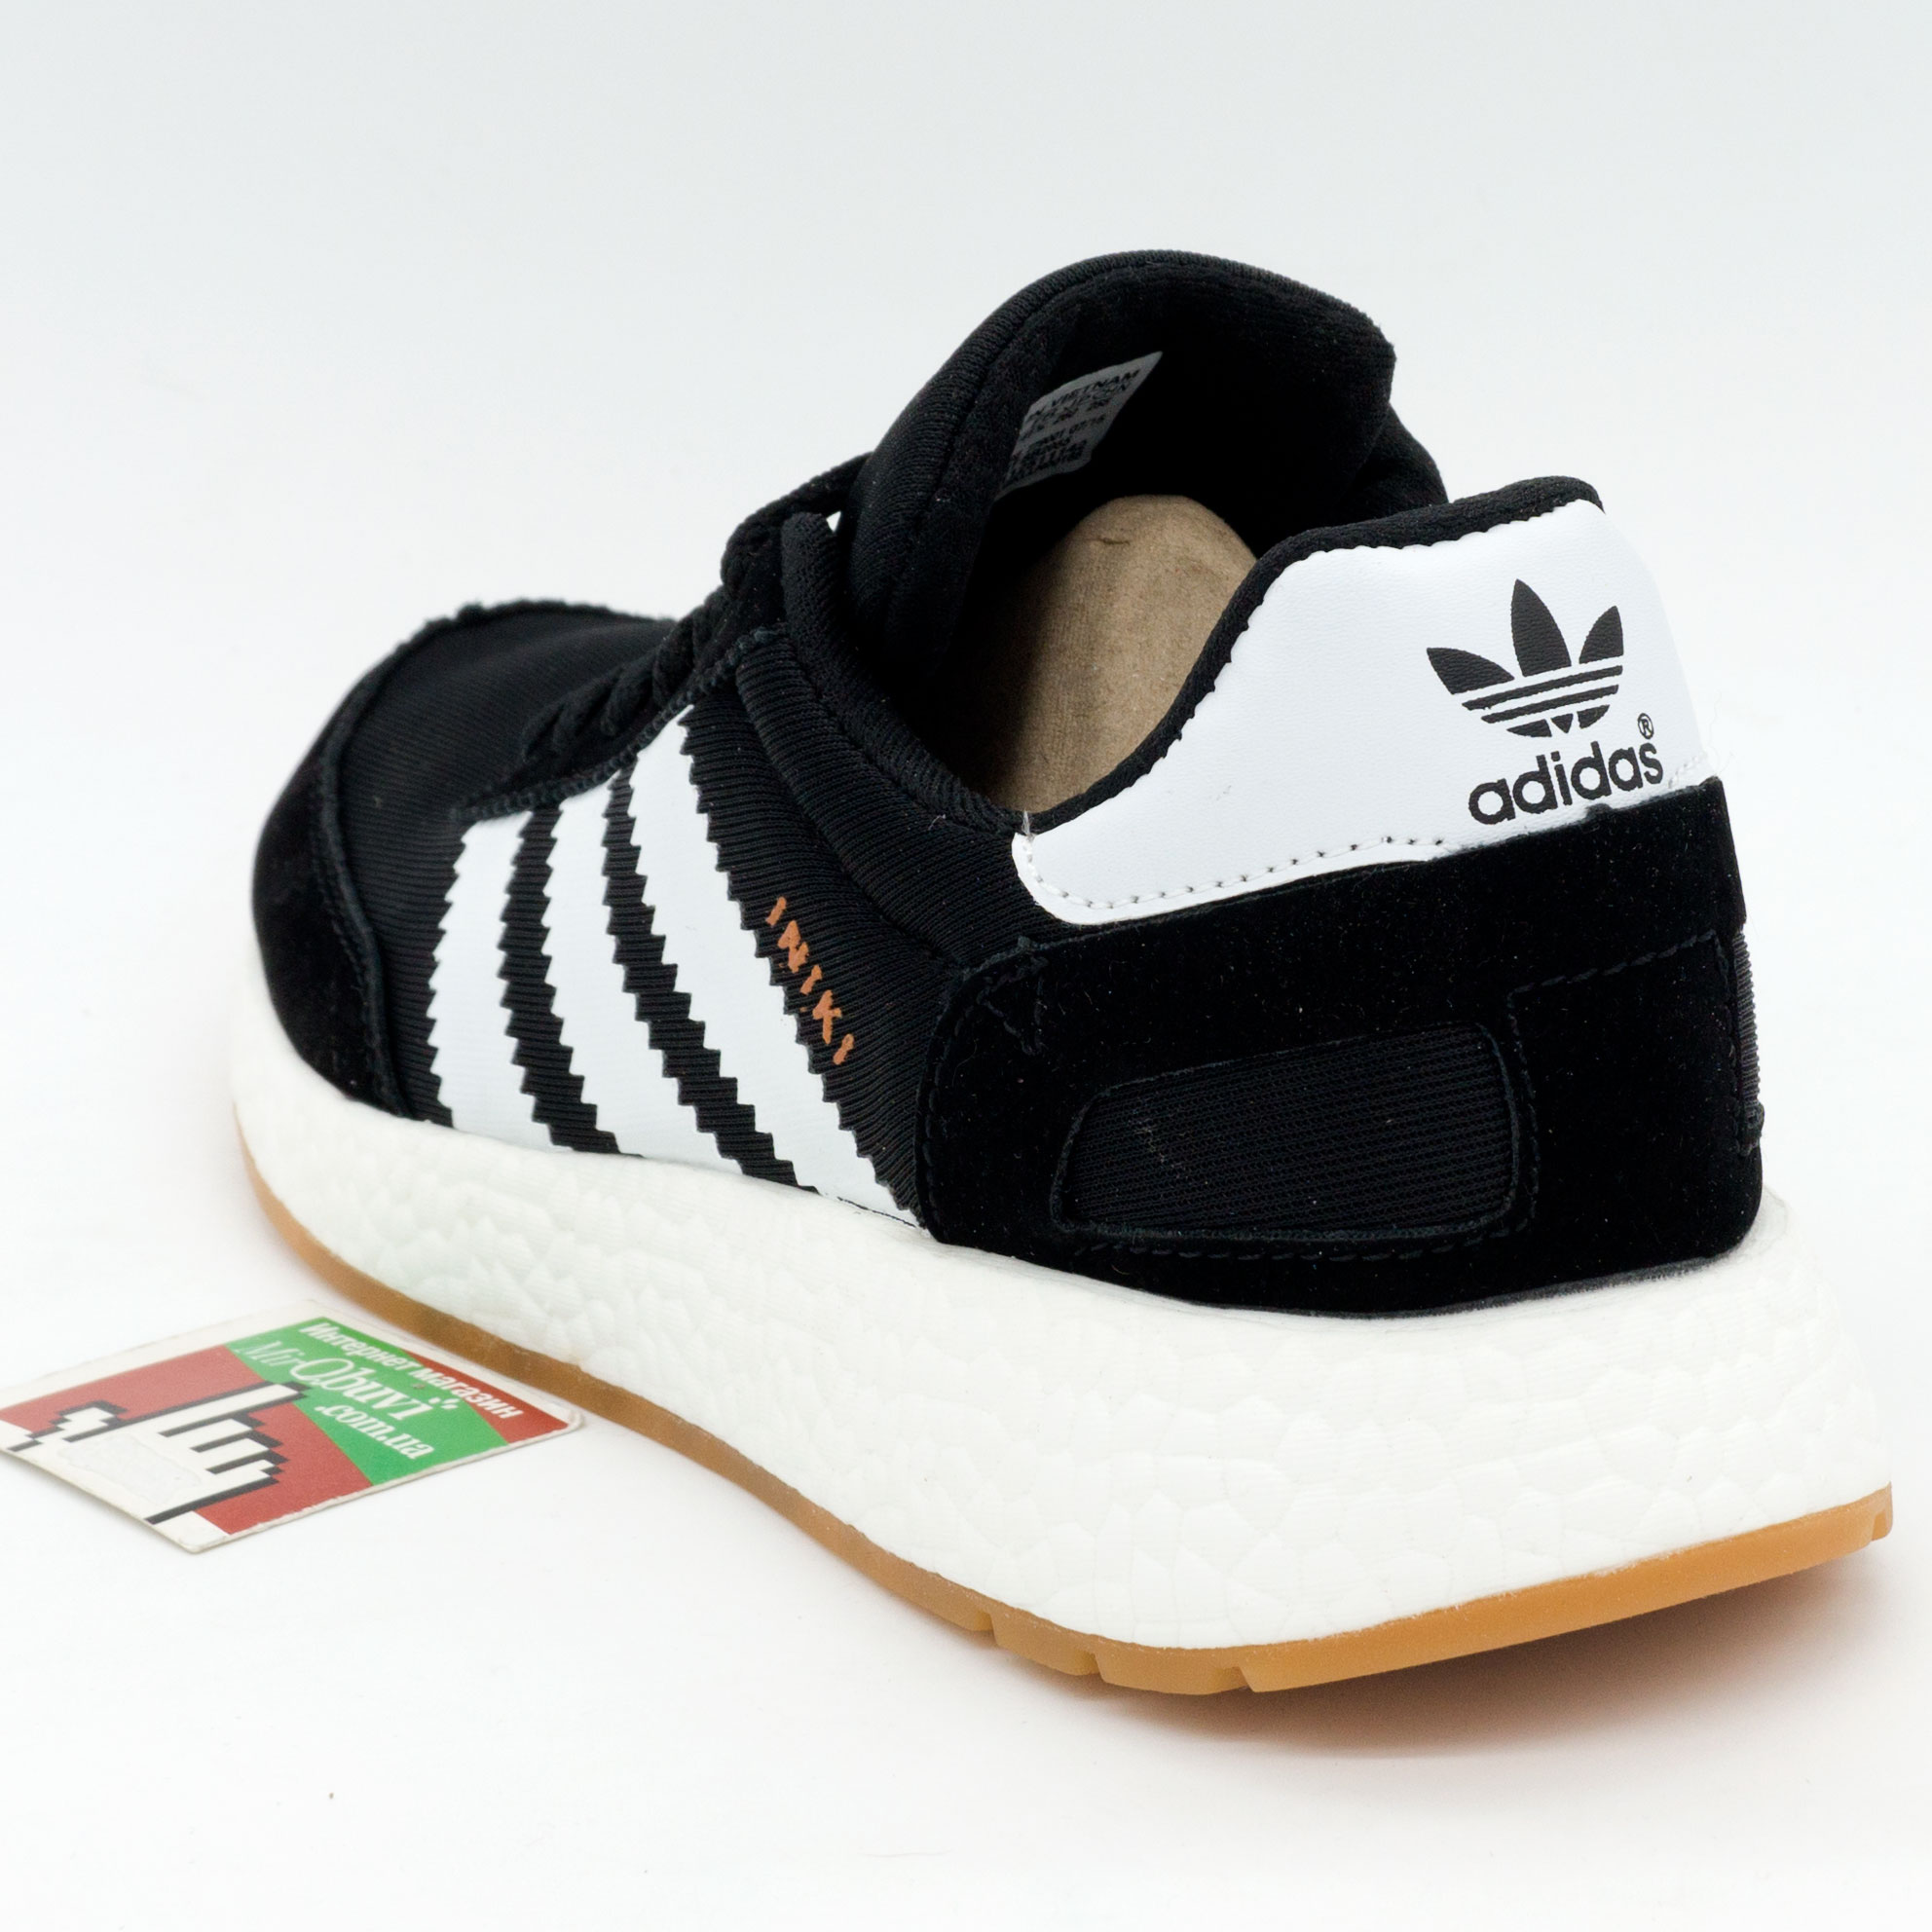 фото back Кроссовки для бега Adidas Iniki Runner черные с белыми полосками back